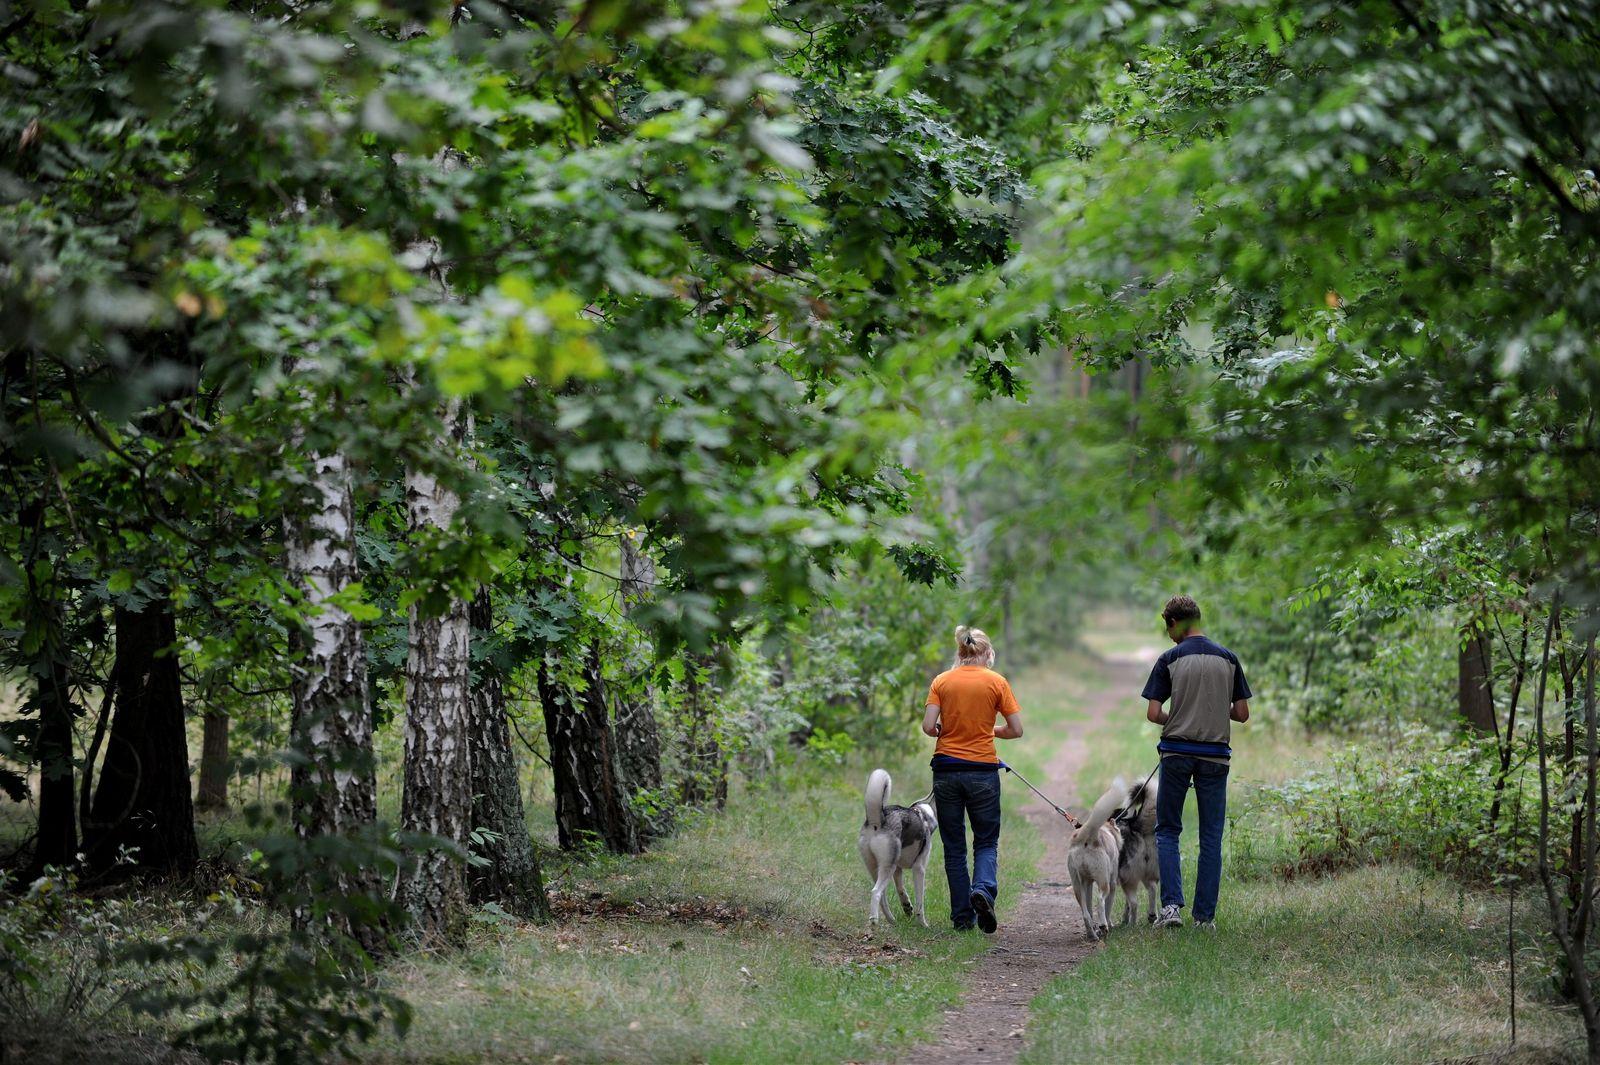 Spaziergänger mit Hunden